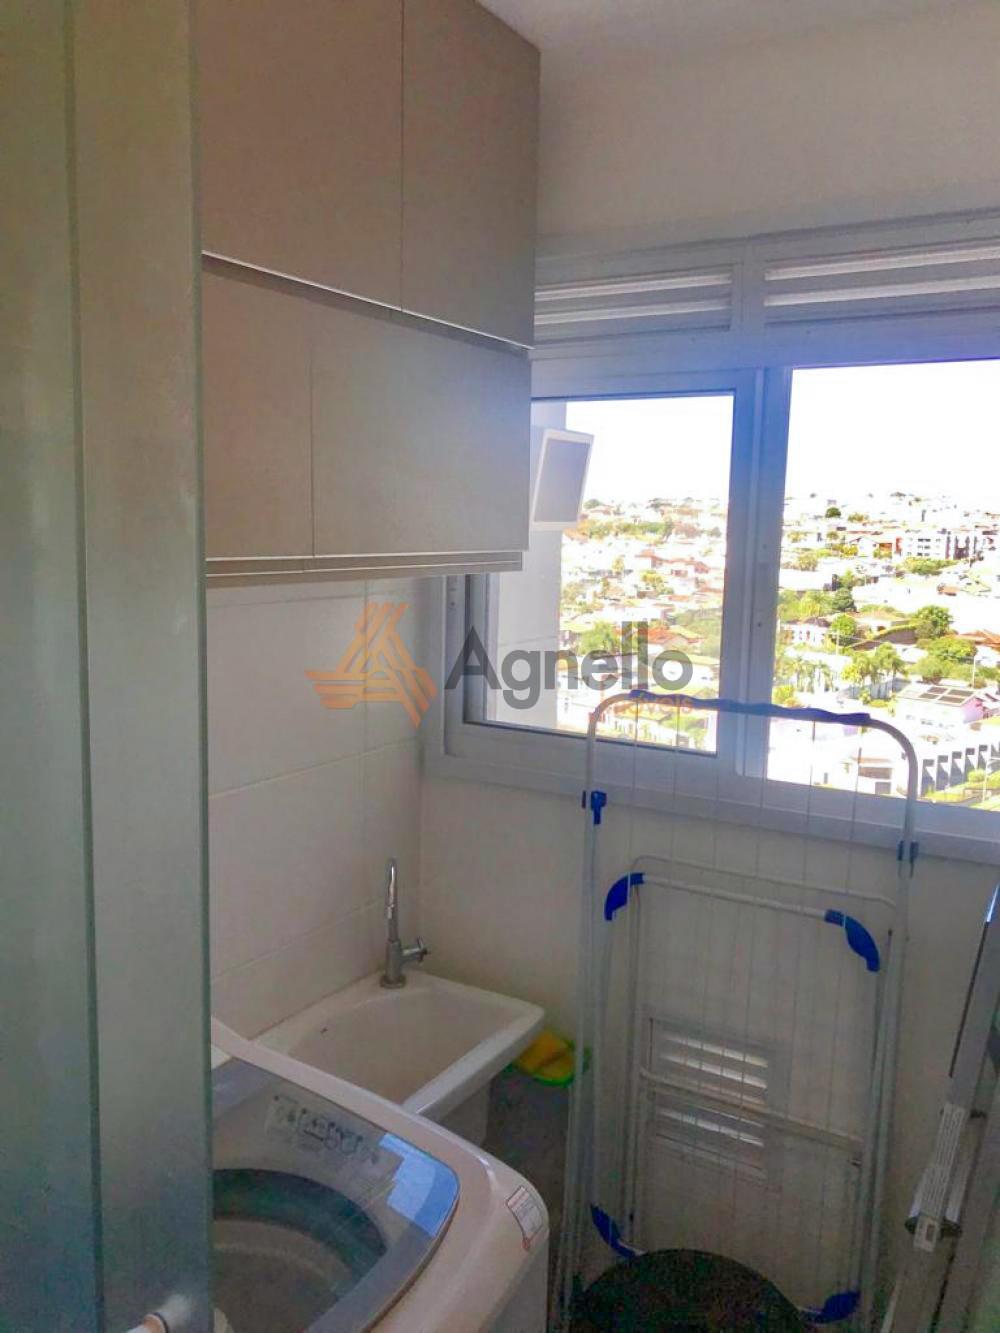 Comprar Apartamento / Padrão em Franca apenas R$ 389.000,00 - Foto 6